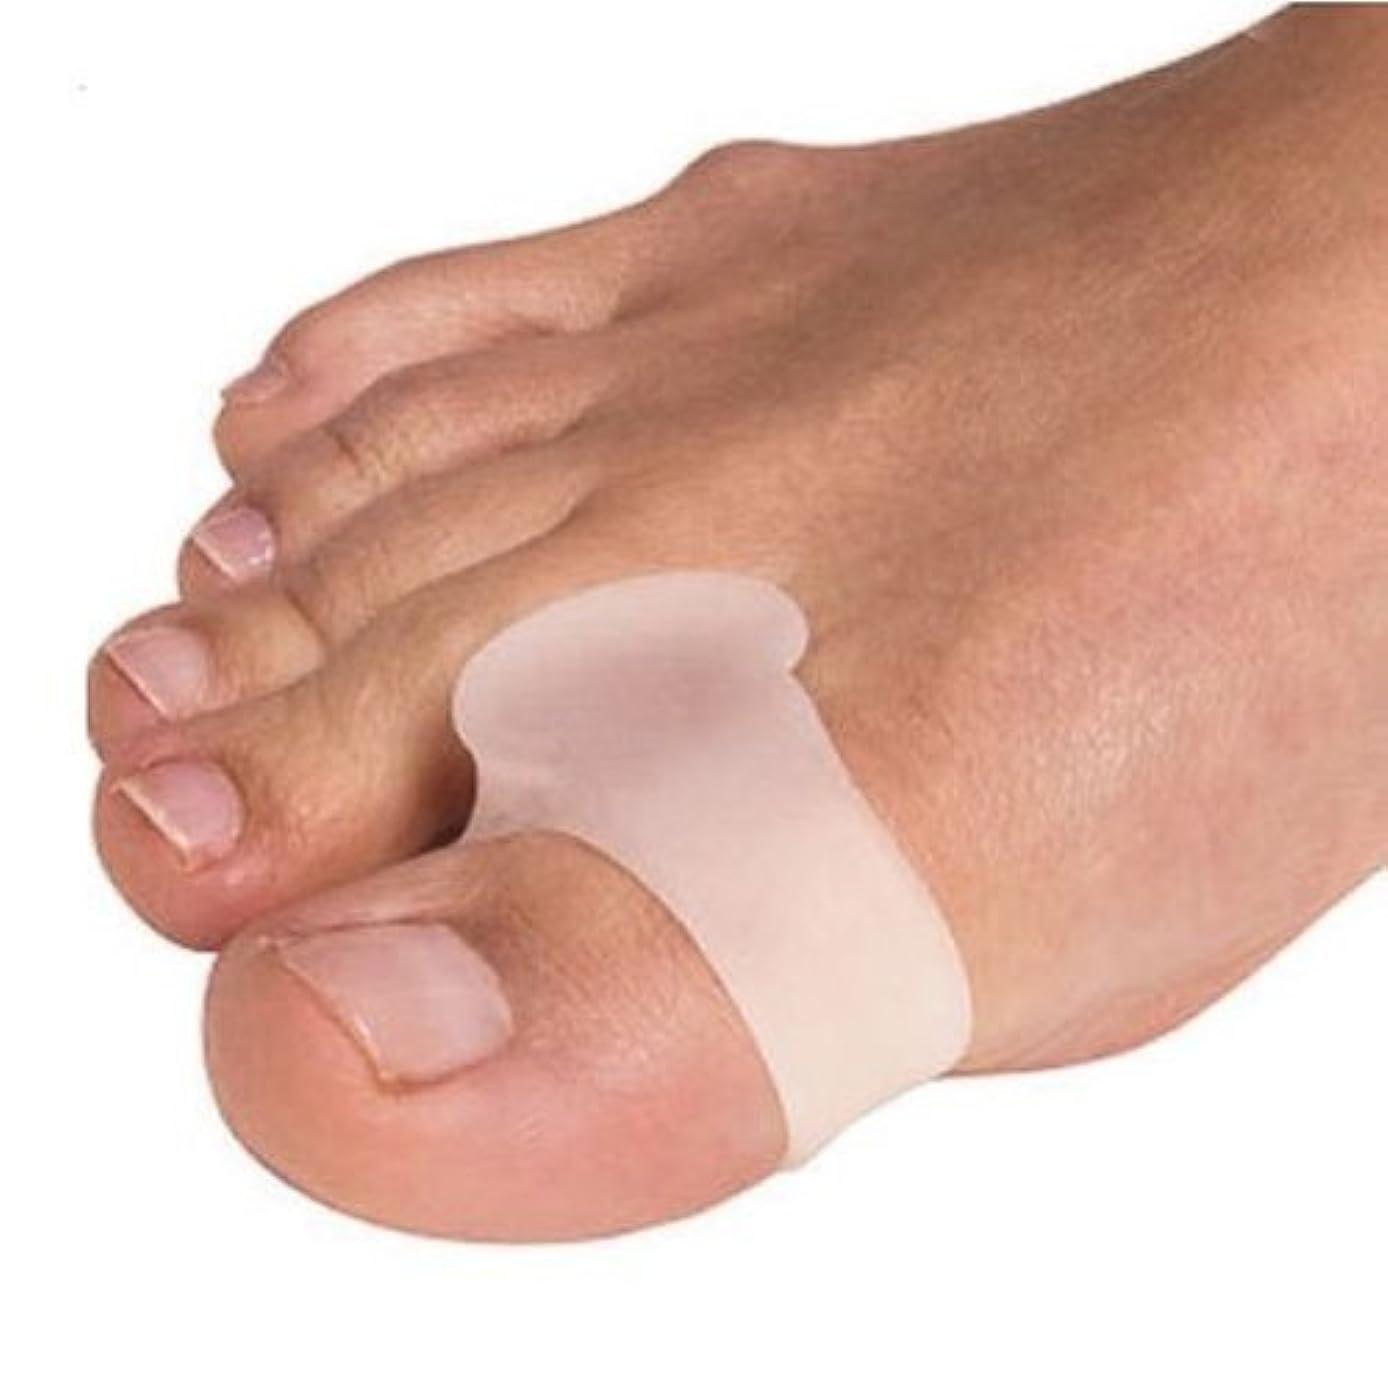 異常むき出し肥料外反母趾用足指スペーサー 固定リング付き(P27-M)